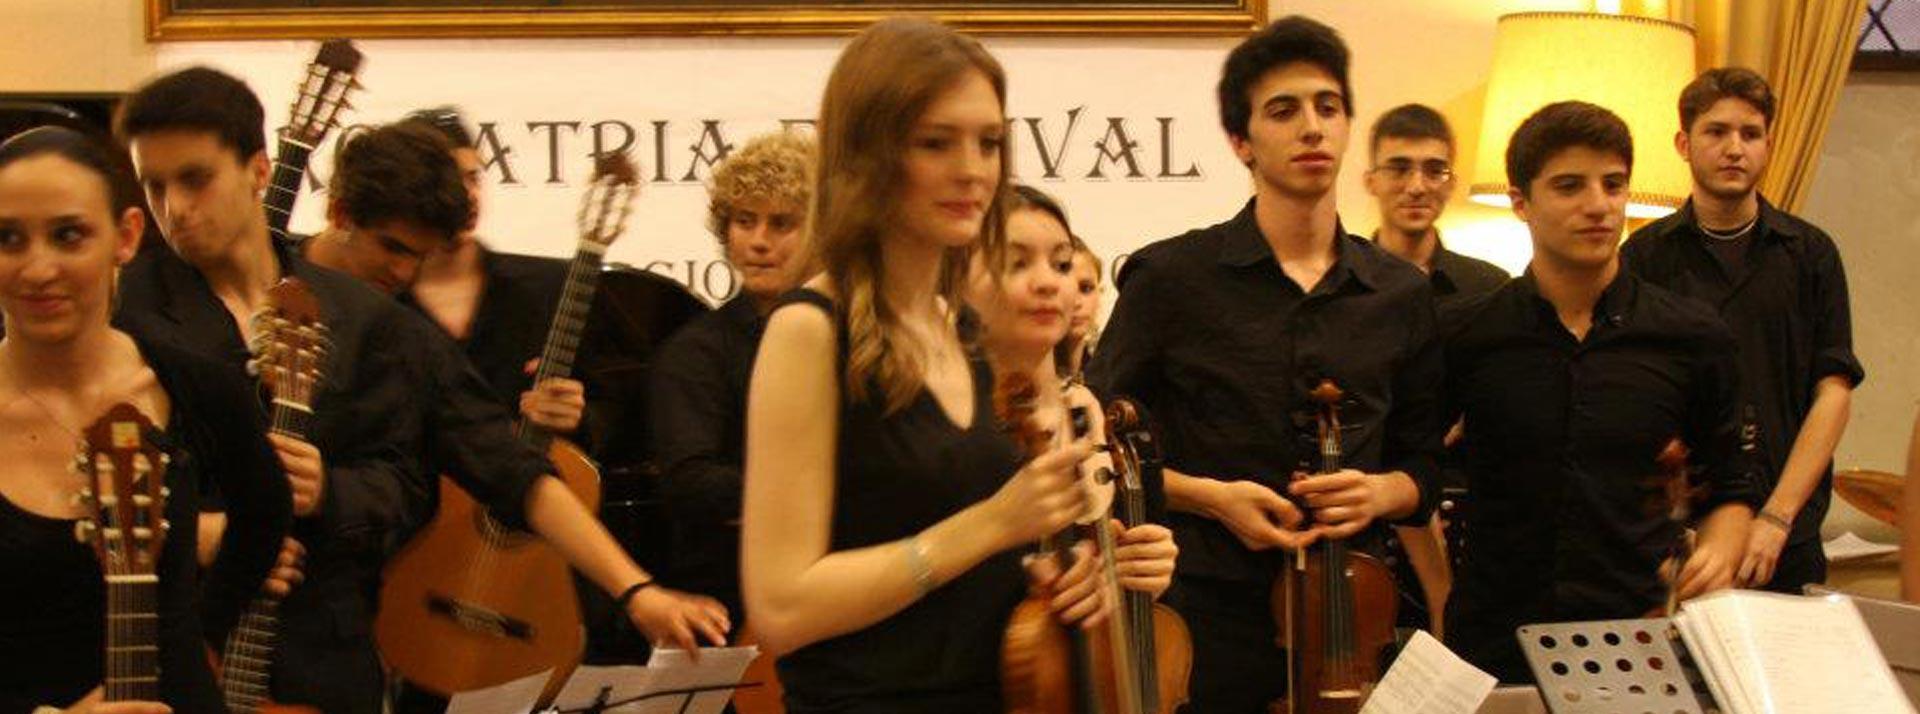 Propatria Festival 2011